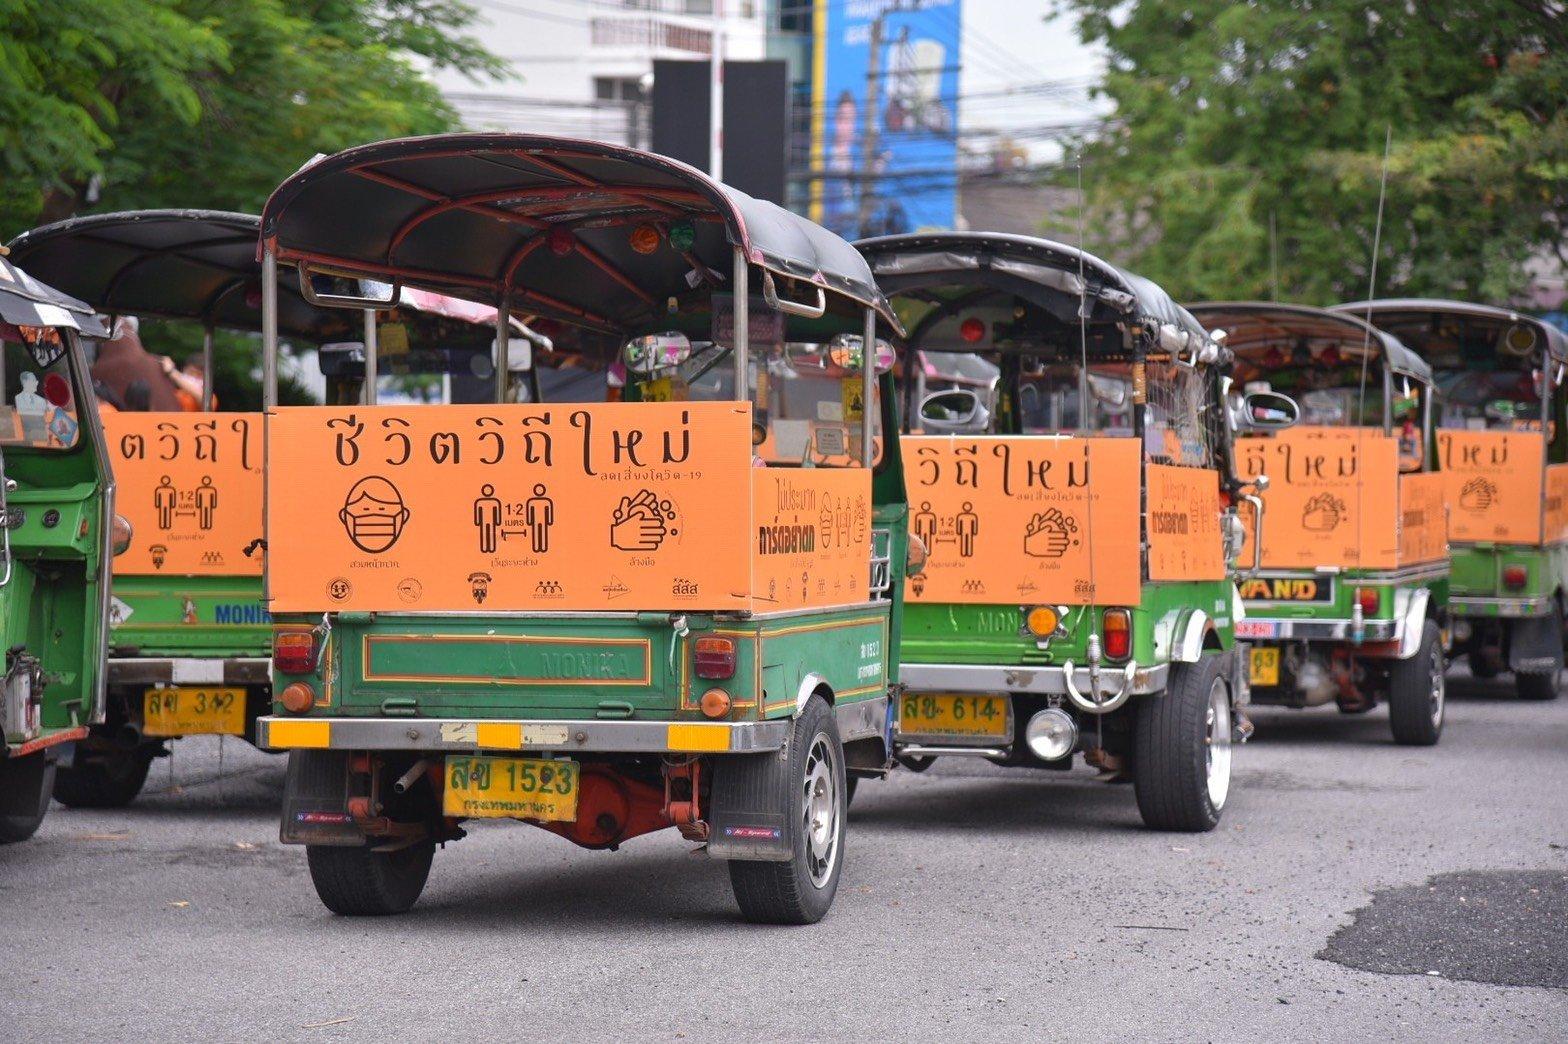 ชีวิตวิถีใหม่ สามล้อขับขี่ปลอดภัย ลดเสี่ยงโควิด-19 thaihealth